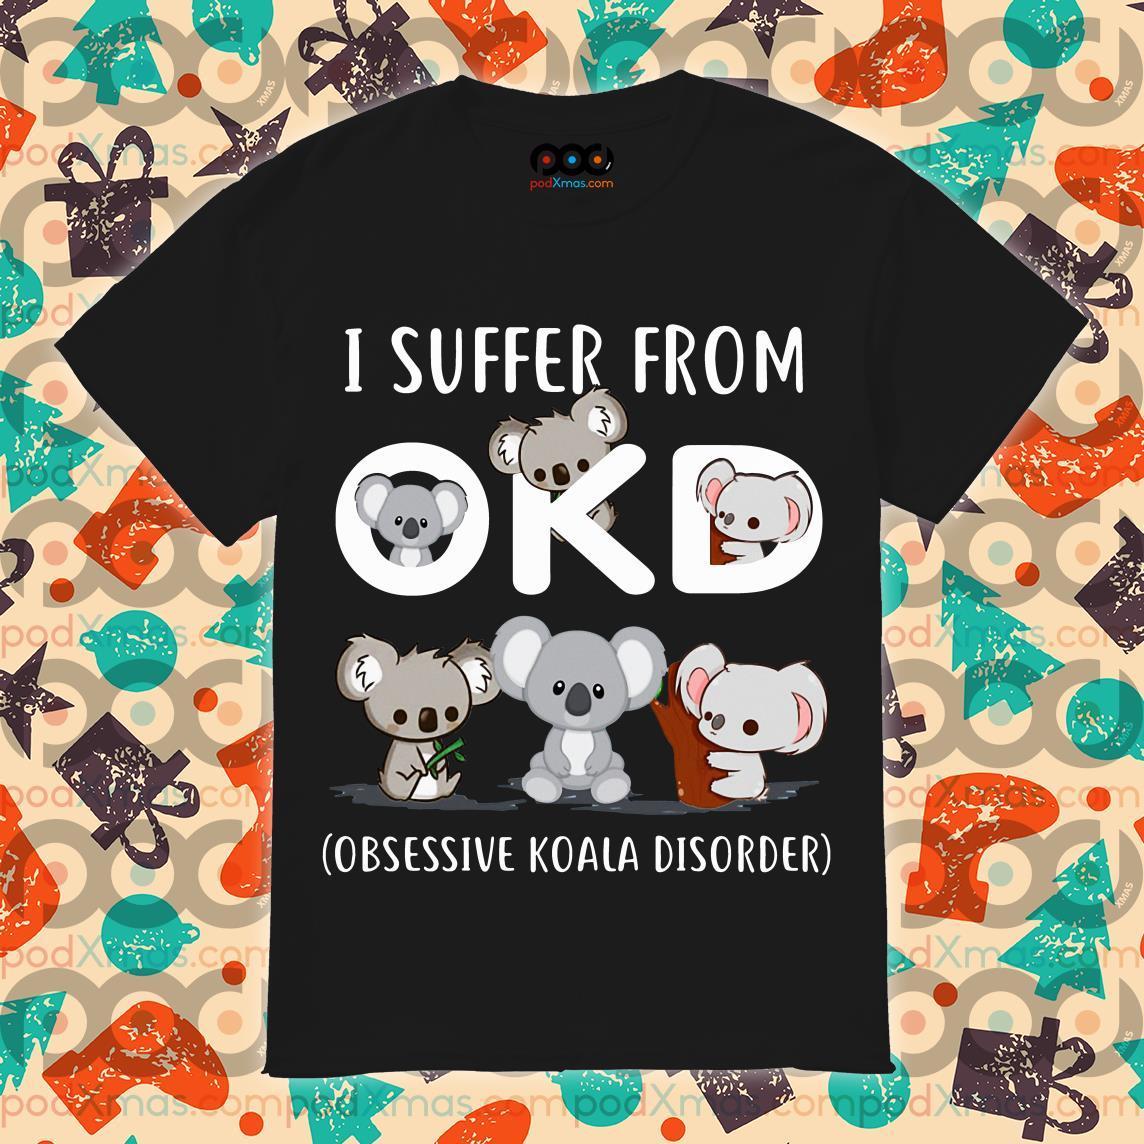 I suffer From OKD Koala shirt